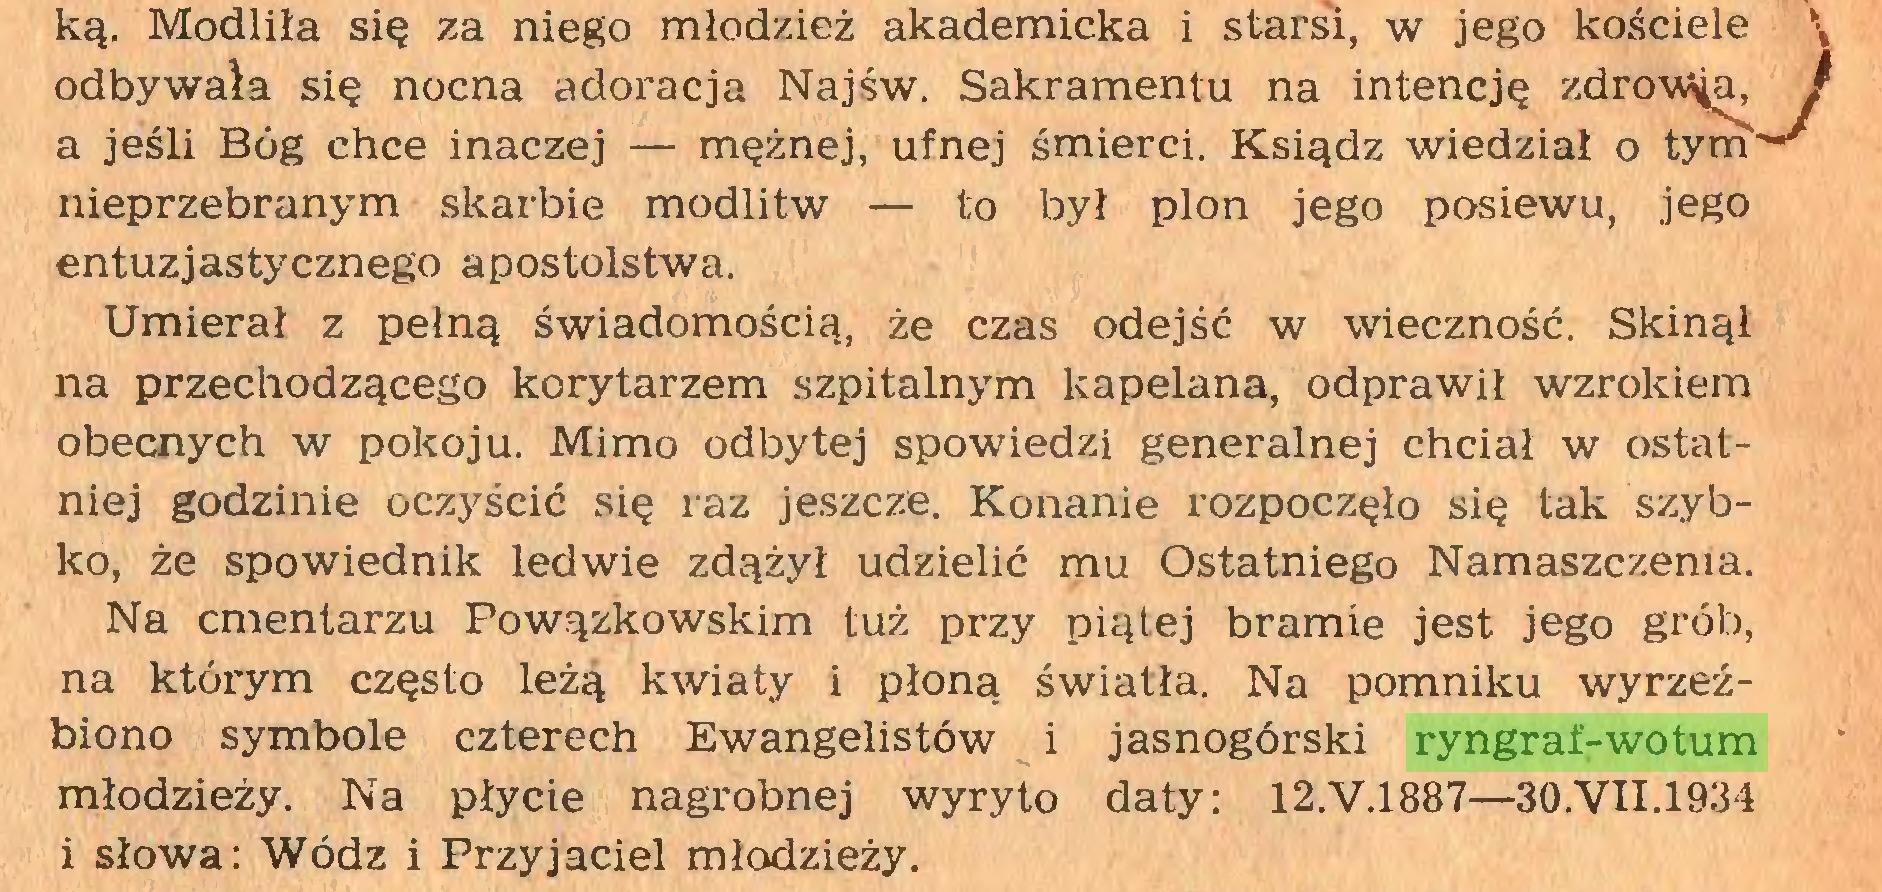 (...) Na cmentarzu Powązkowskim tuż przy piątej bramie jest jego grób, na którym często leżą kwiaty i płoną światła. Na pomniku wyrzeźbiono symbole czterech Ewangelistów i jasnogórski ryngraf-wotum młodzieży. Na płycie nagrobnej wyryto daty: 12.V.1887—30.VII.1934 i słowa: Wódz i Przyjaciel młodzieży. kościele zdro ał o tym ciele \ wóa, /...